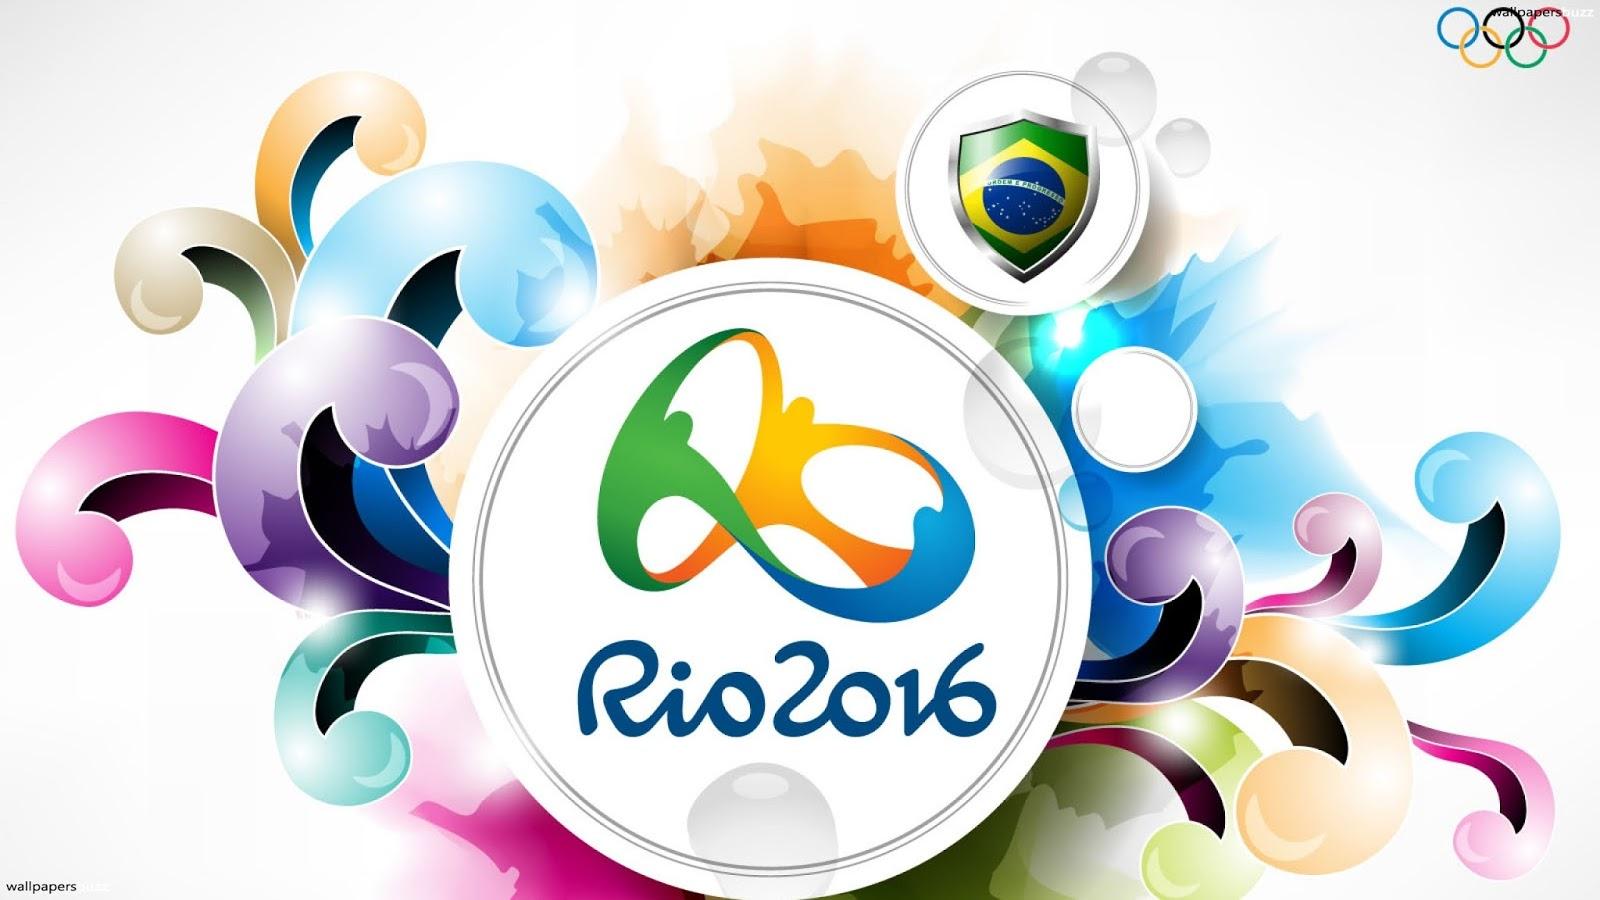 Milton Nascimento - Clube Da Esquina Nº 2: testo tradotto - Canzone Olimpiadi RIO 2016 Traduzione